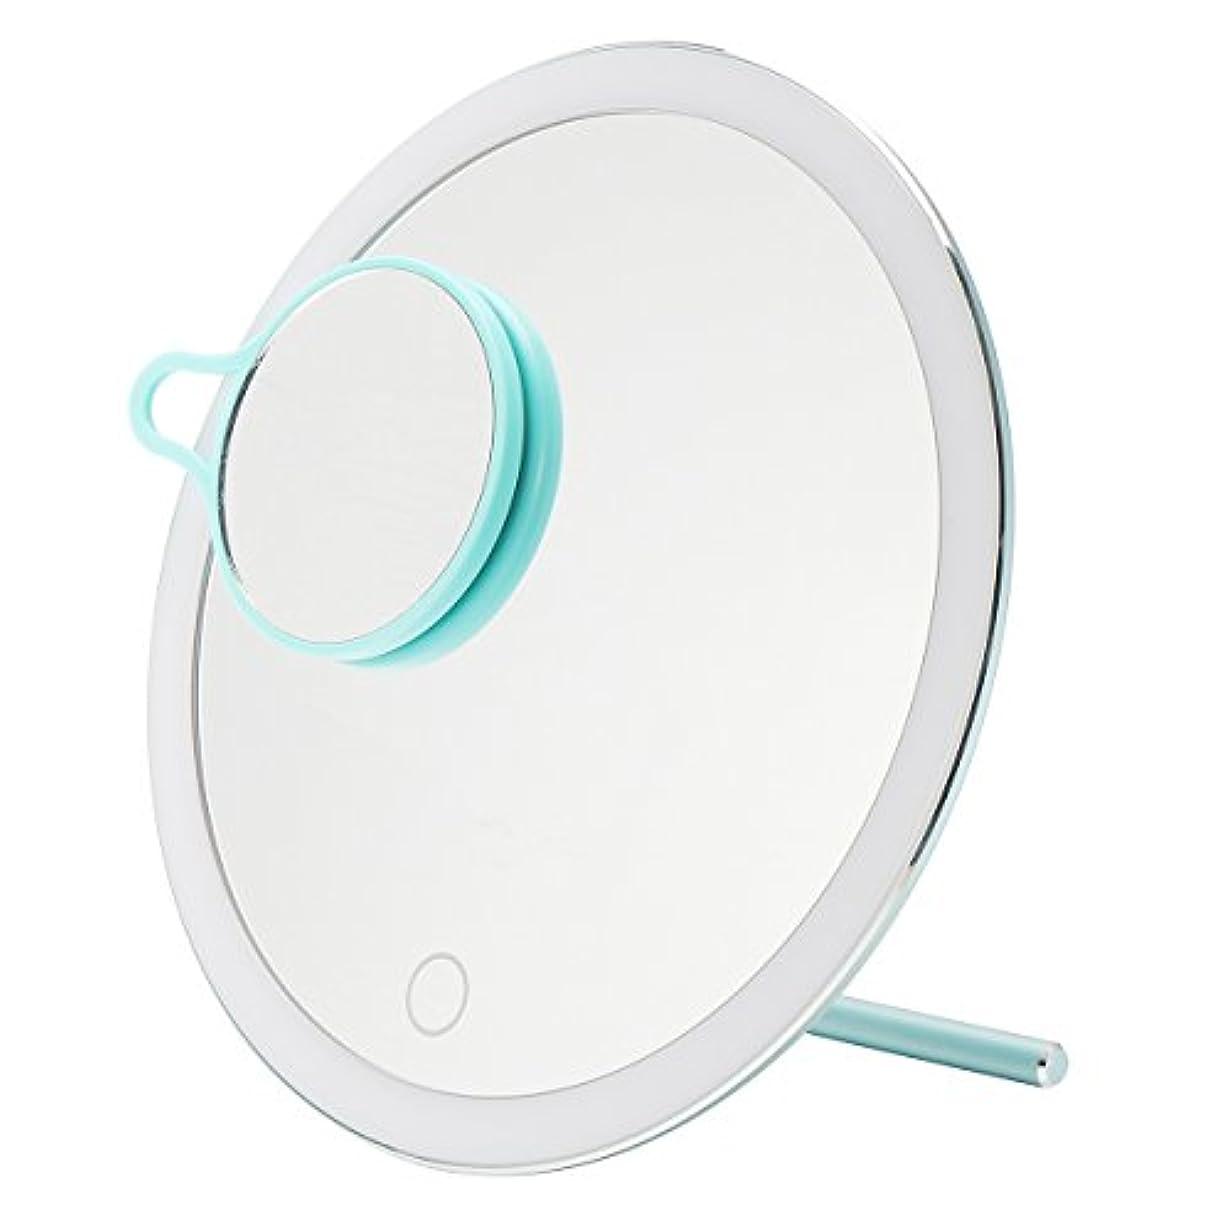 人里離れた降ろすダメージYZUEYT USB LEDライトメイクアップミラータッチスクリーン携帯用拡大鏡バニティテーブルトップランプ化粧ミラーメイクアップツール YZUEYT (Color : Color Blue)